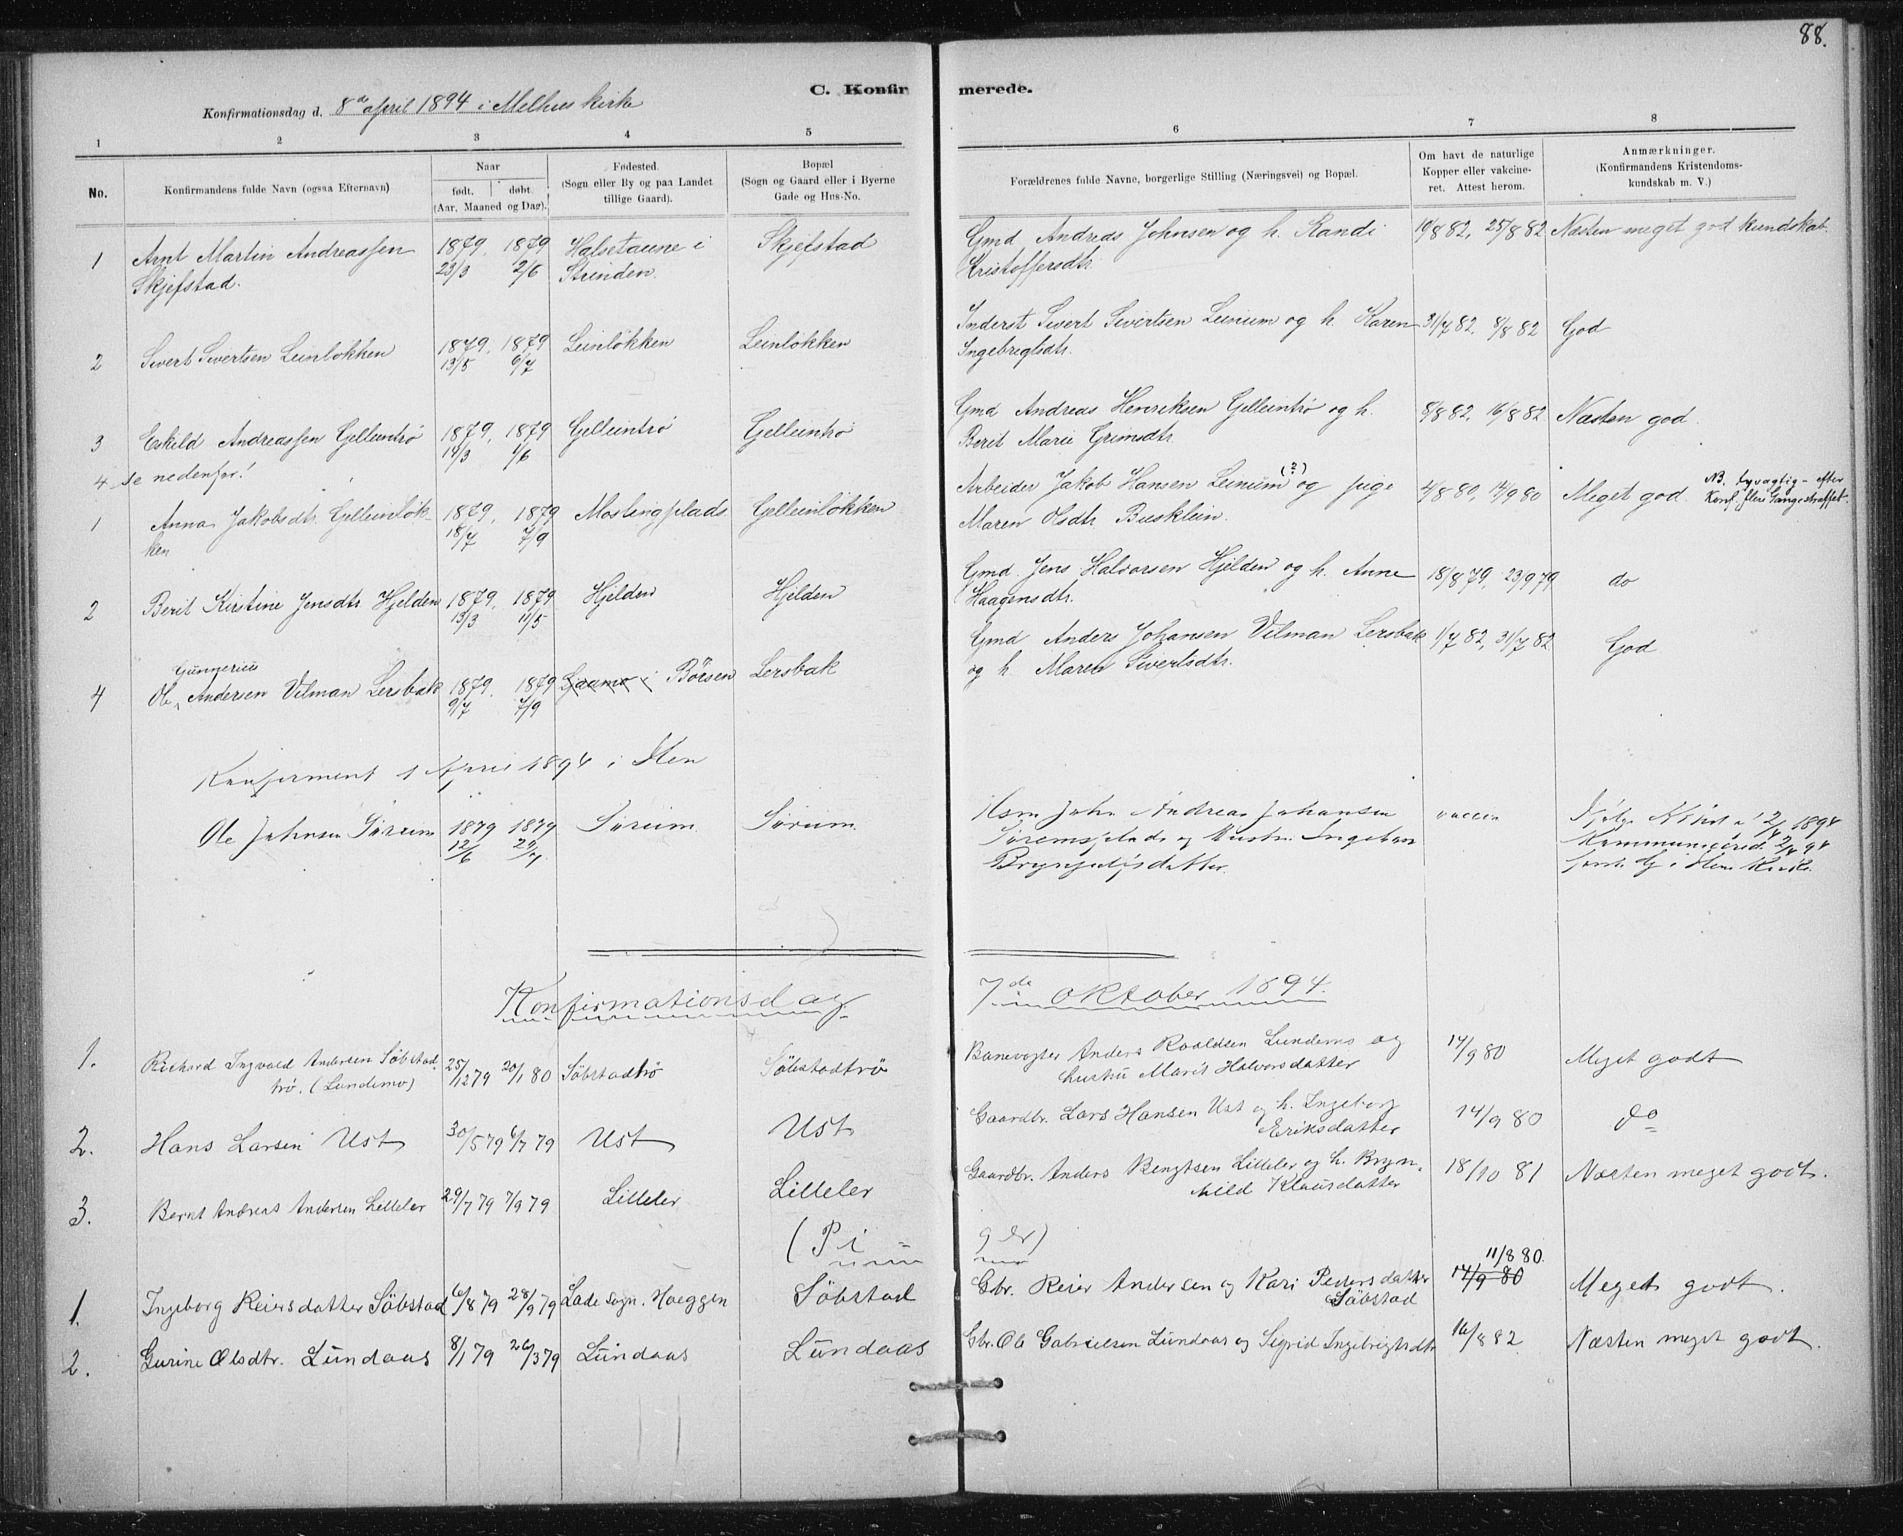 SAT, Ministerialprotokoller, klokkerbøker og fødselsregistre - Sør-Trøndelag, 613/L0392: Ministerialbok nr. 613A01, 1887-1906, s. 88